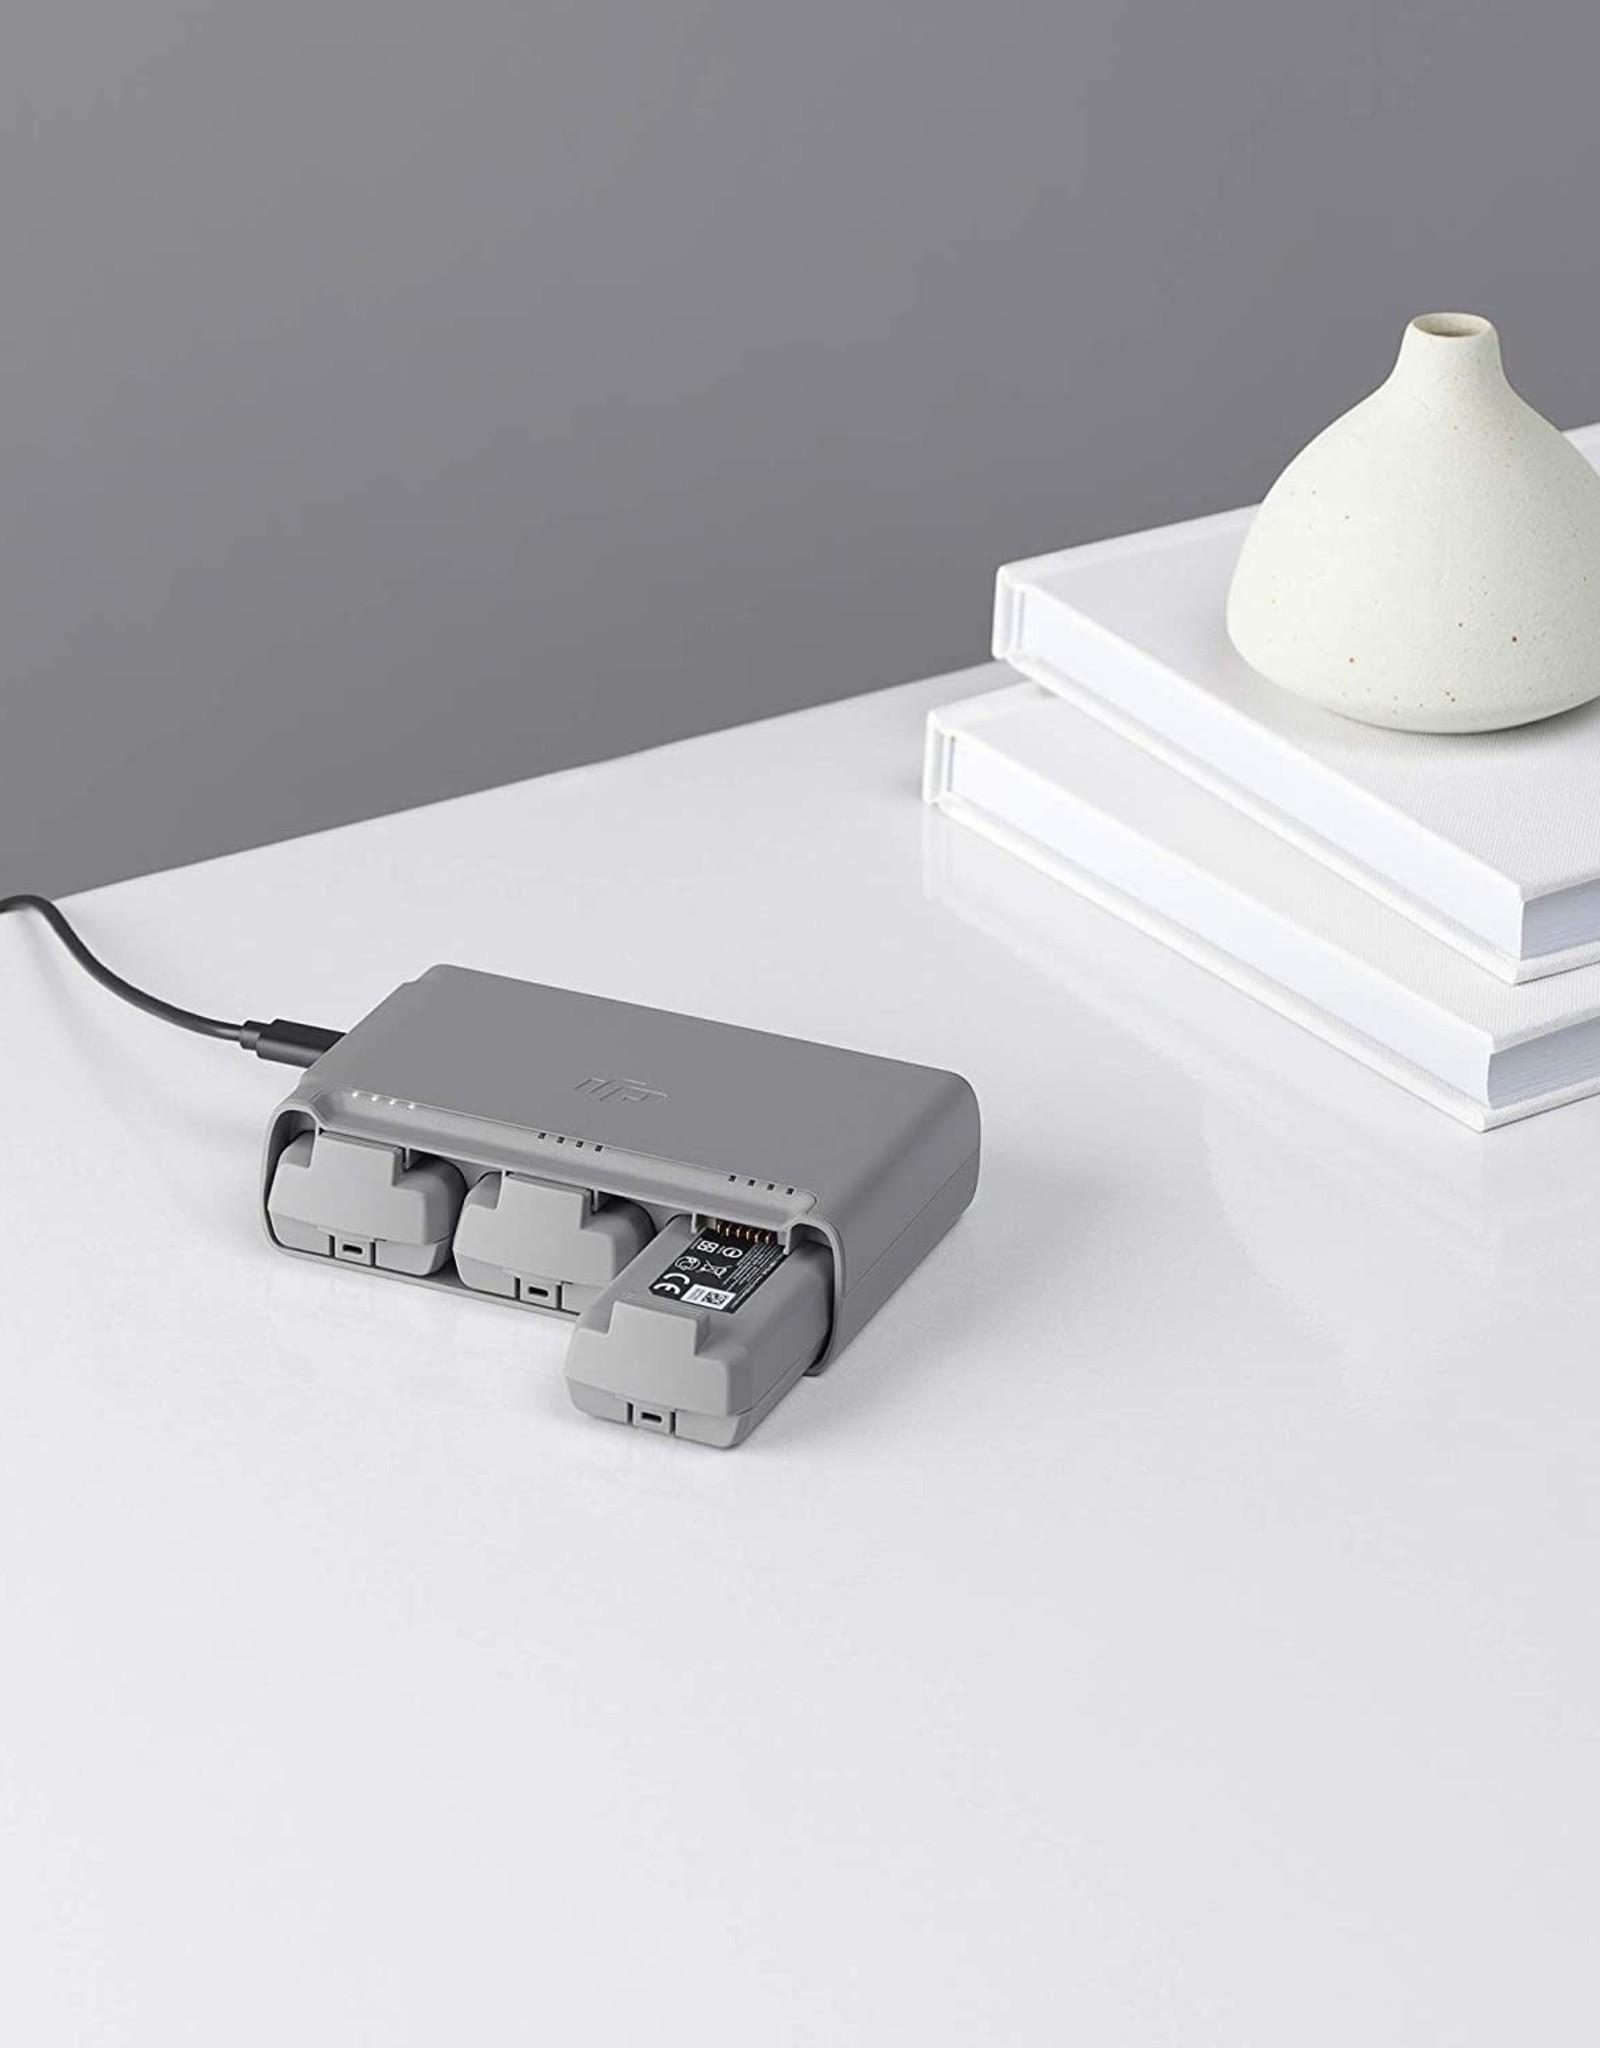 Dji DJI Mini 2 Two-Way Charging Hub